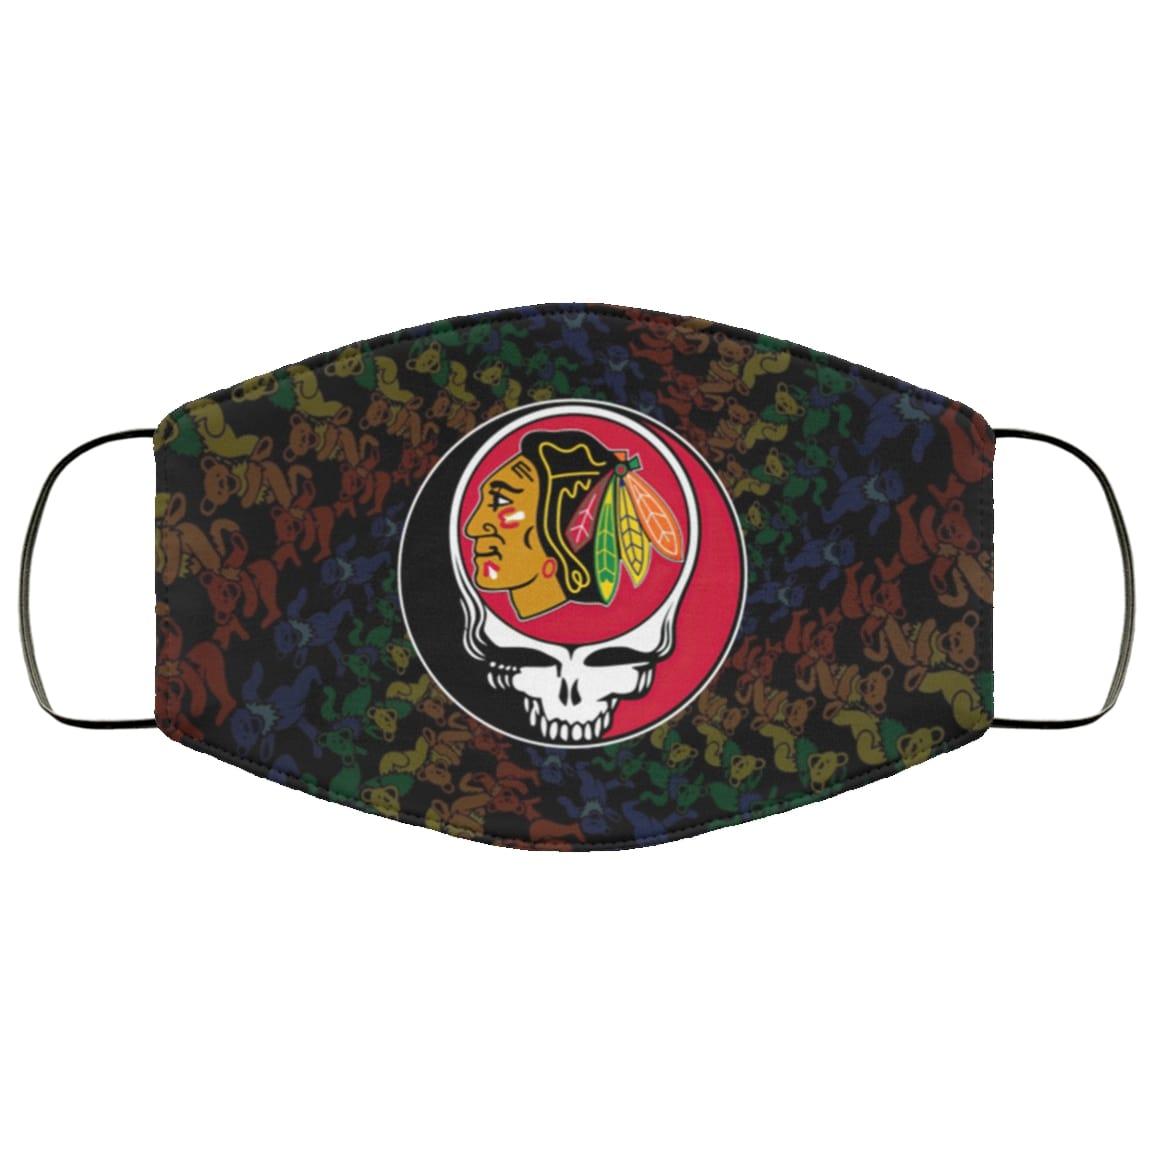 Grateful dead chicago blackhawks full over printed face mask 3